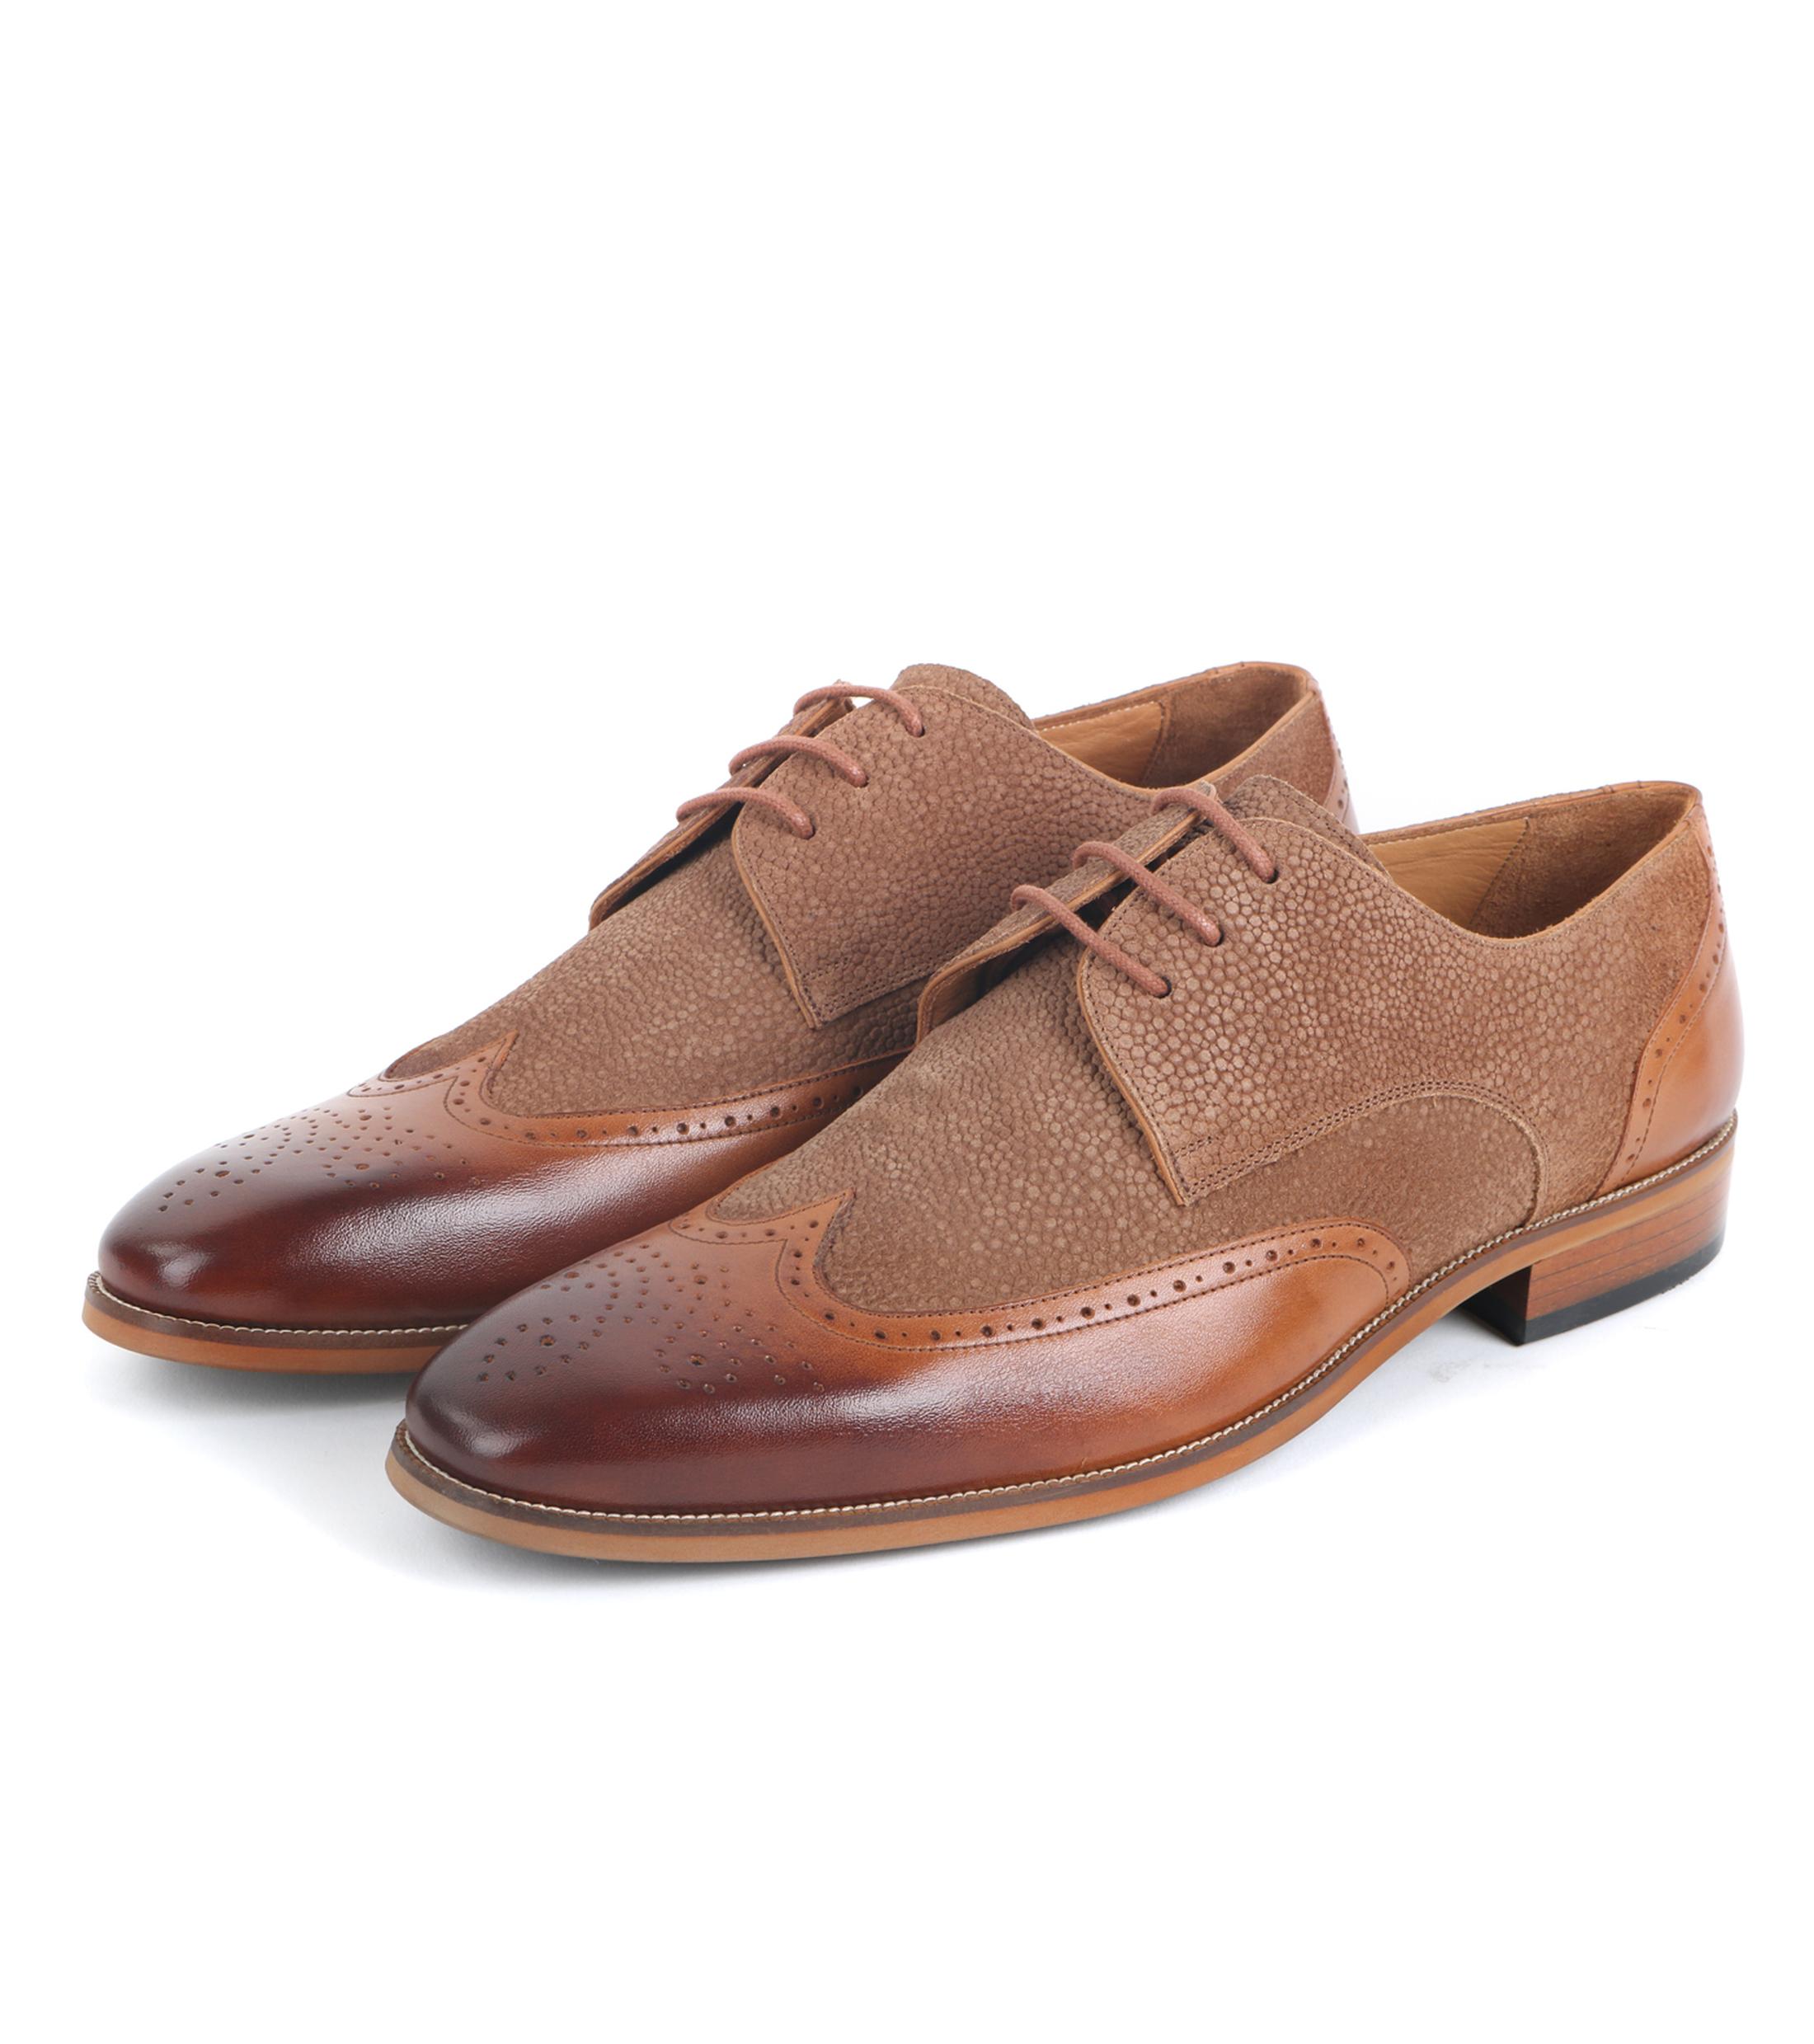 Leather Dress Shoes Brogues Cognac + Beige